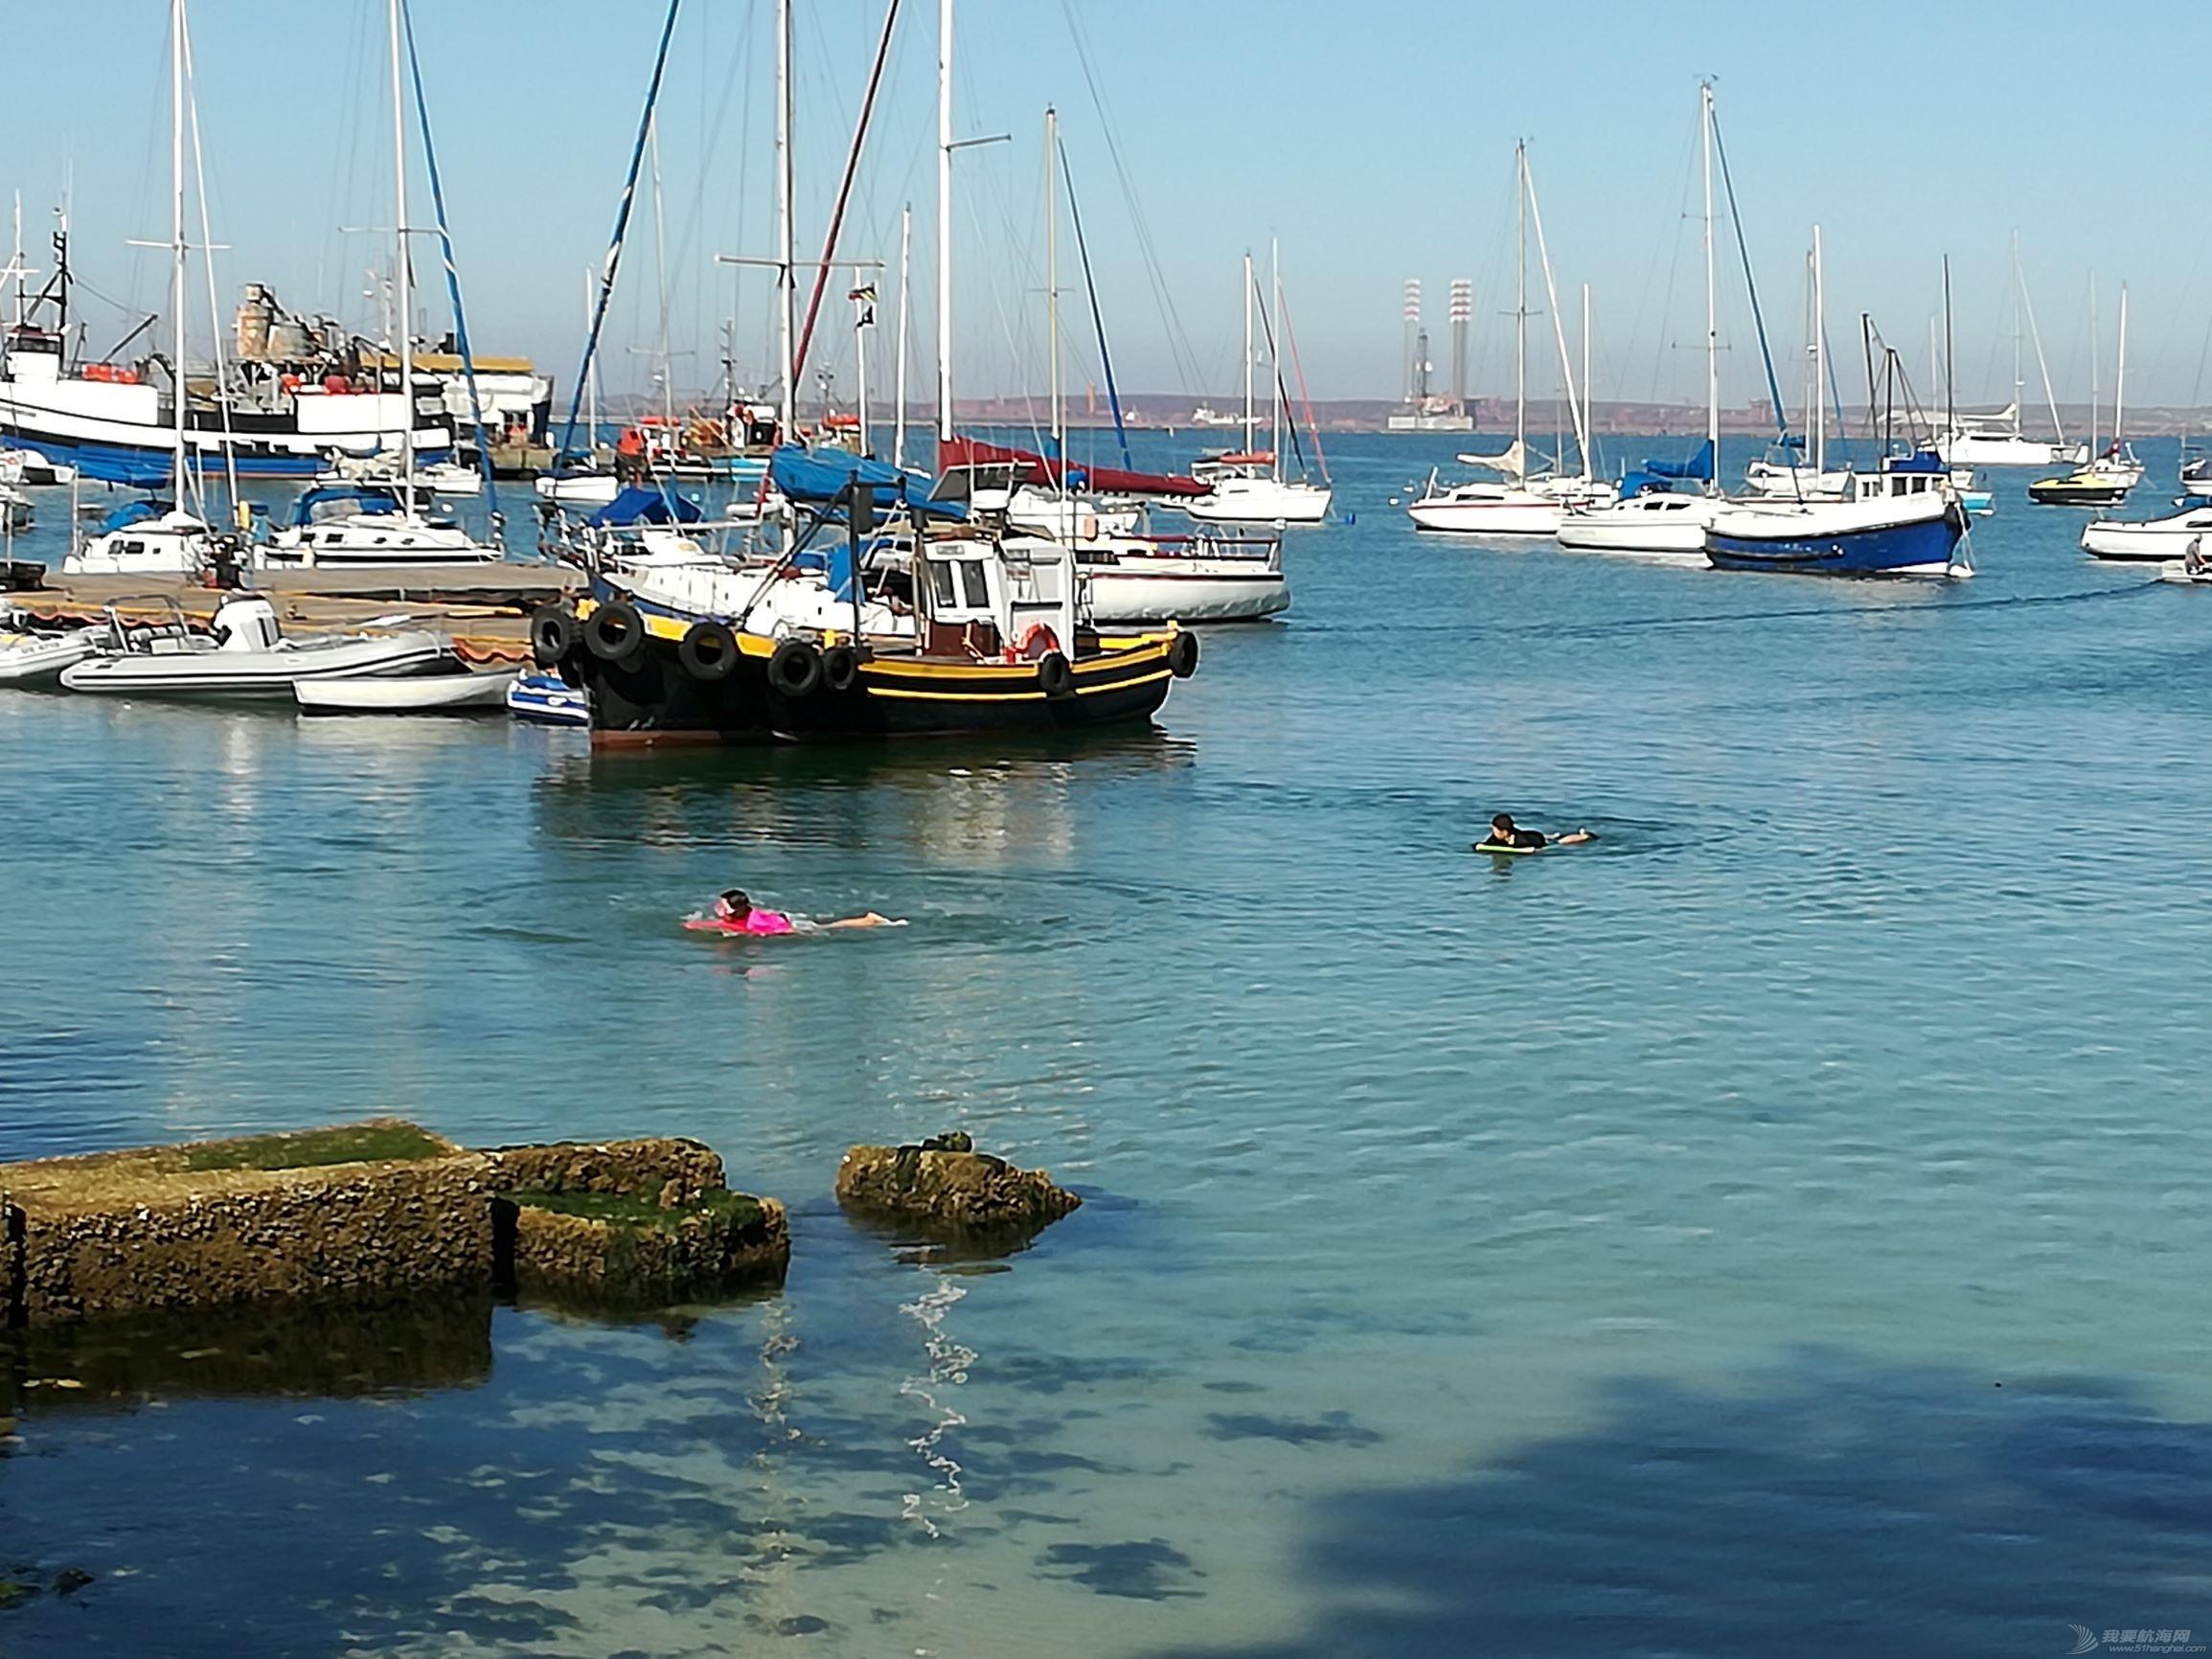 我们,帆船,俱乐部,南非,离开 ITHACA号航海 15 新年喜团聚,没有保险,也不能阻止向海洋出发 萨当那港俱乐部 023527cfojvztvkok6etrt